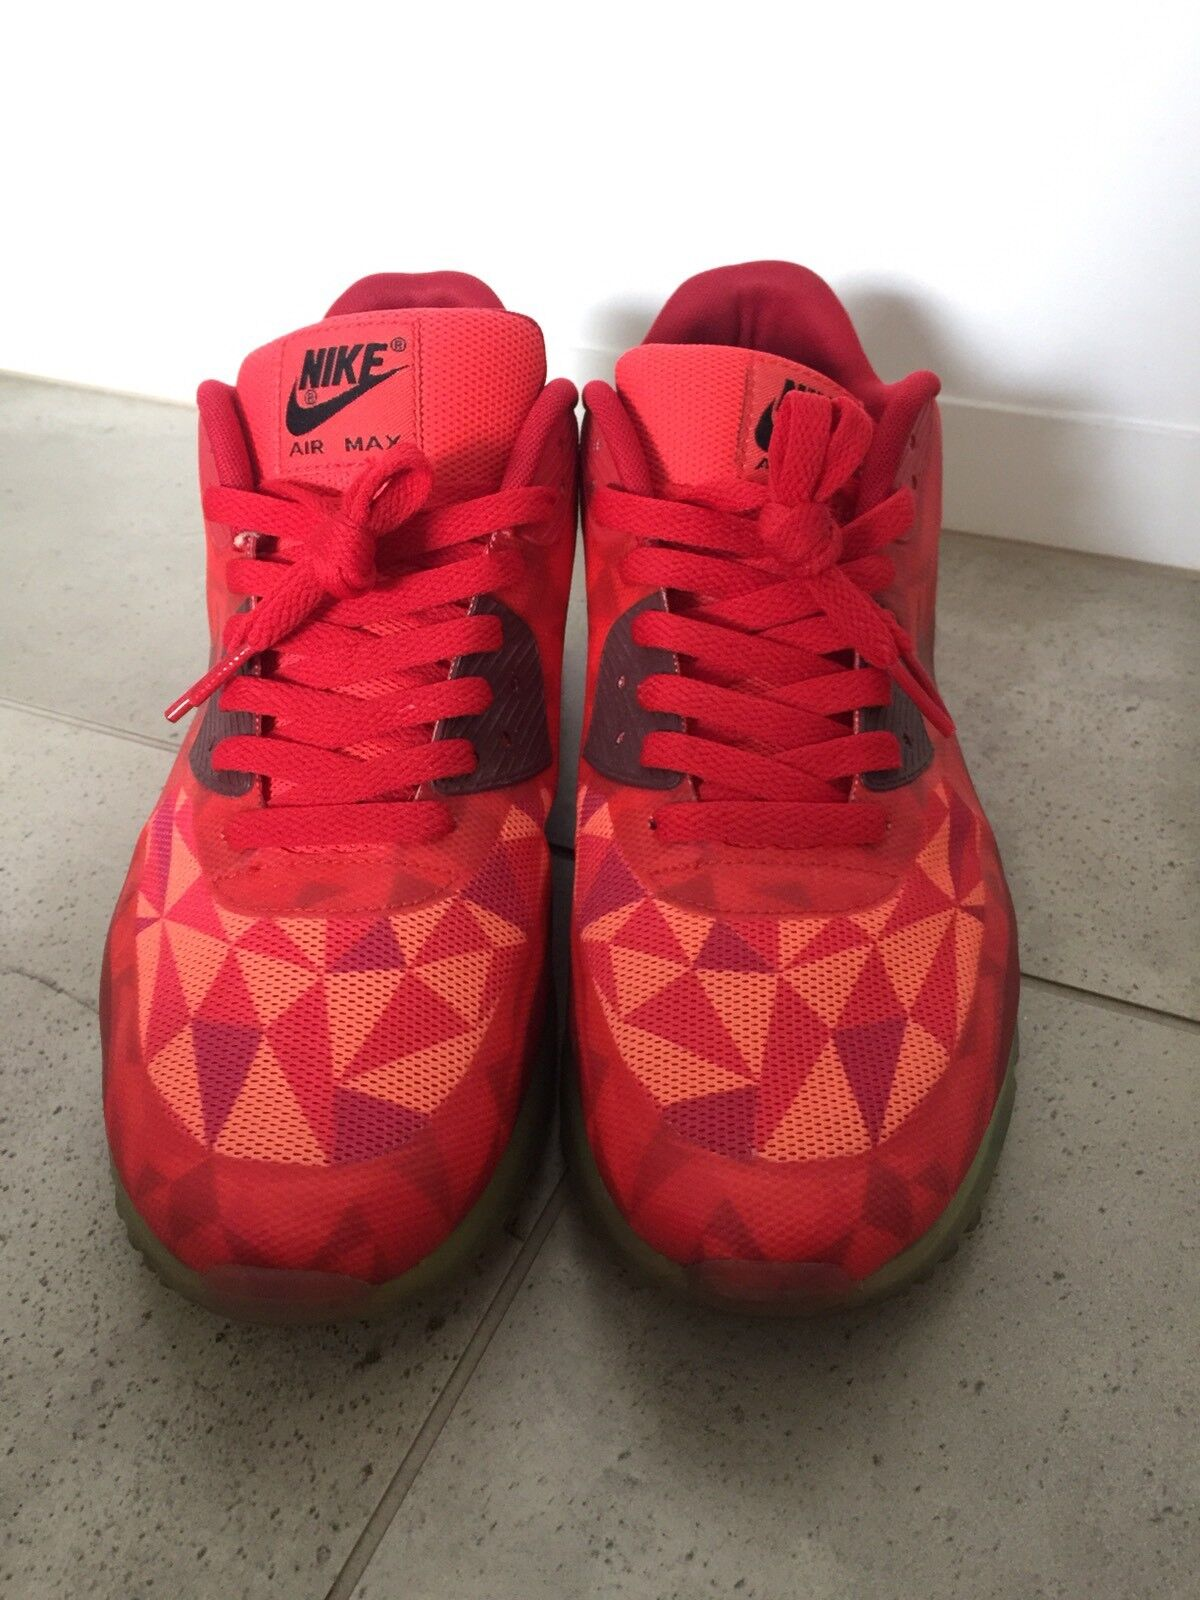 Nike air max 90 ghiaccio 10 10 10 palestra rosso volt giallo neon racer 90 vapormax 1 95 97 verde | prezzo di sconto speciale  | Uomo/Donna Scarpa  fec78d